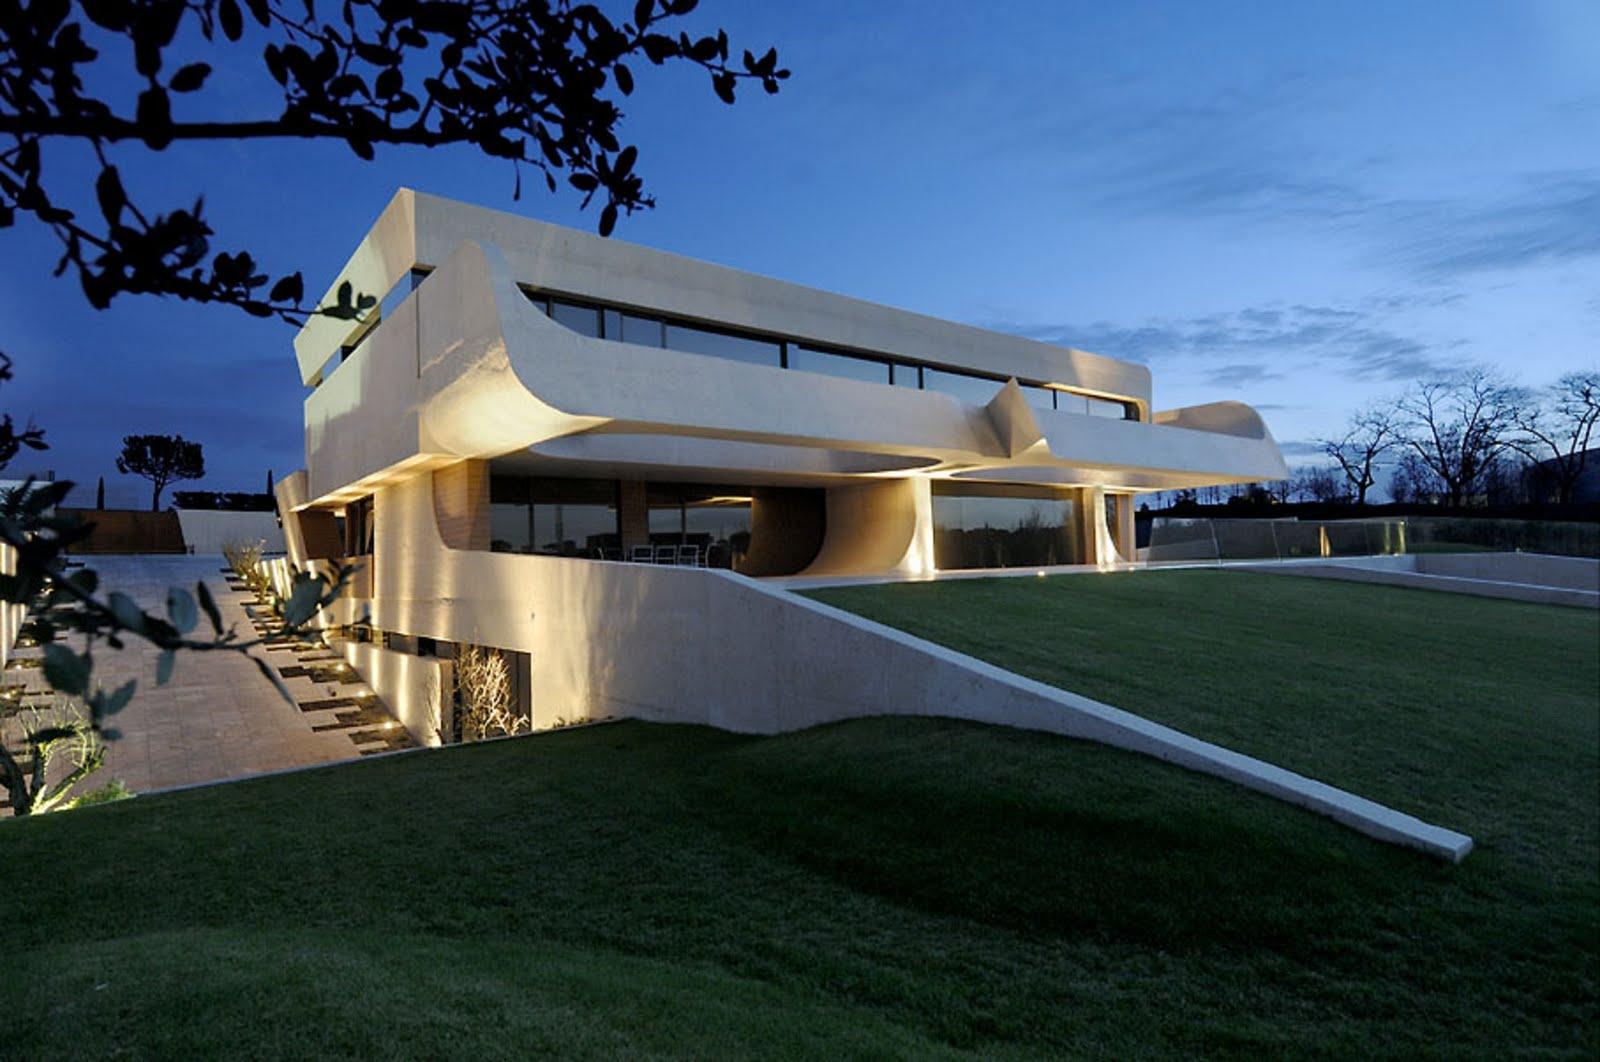 Arquitectura arquidea vivienda minimalista por a cero - Proyectos casas unifamiliares ...